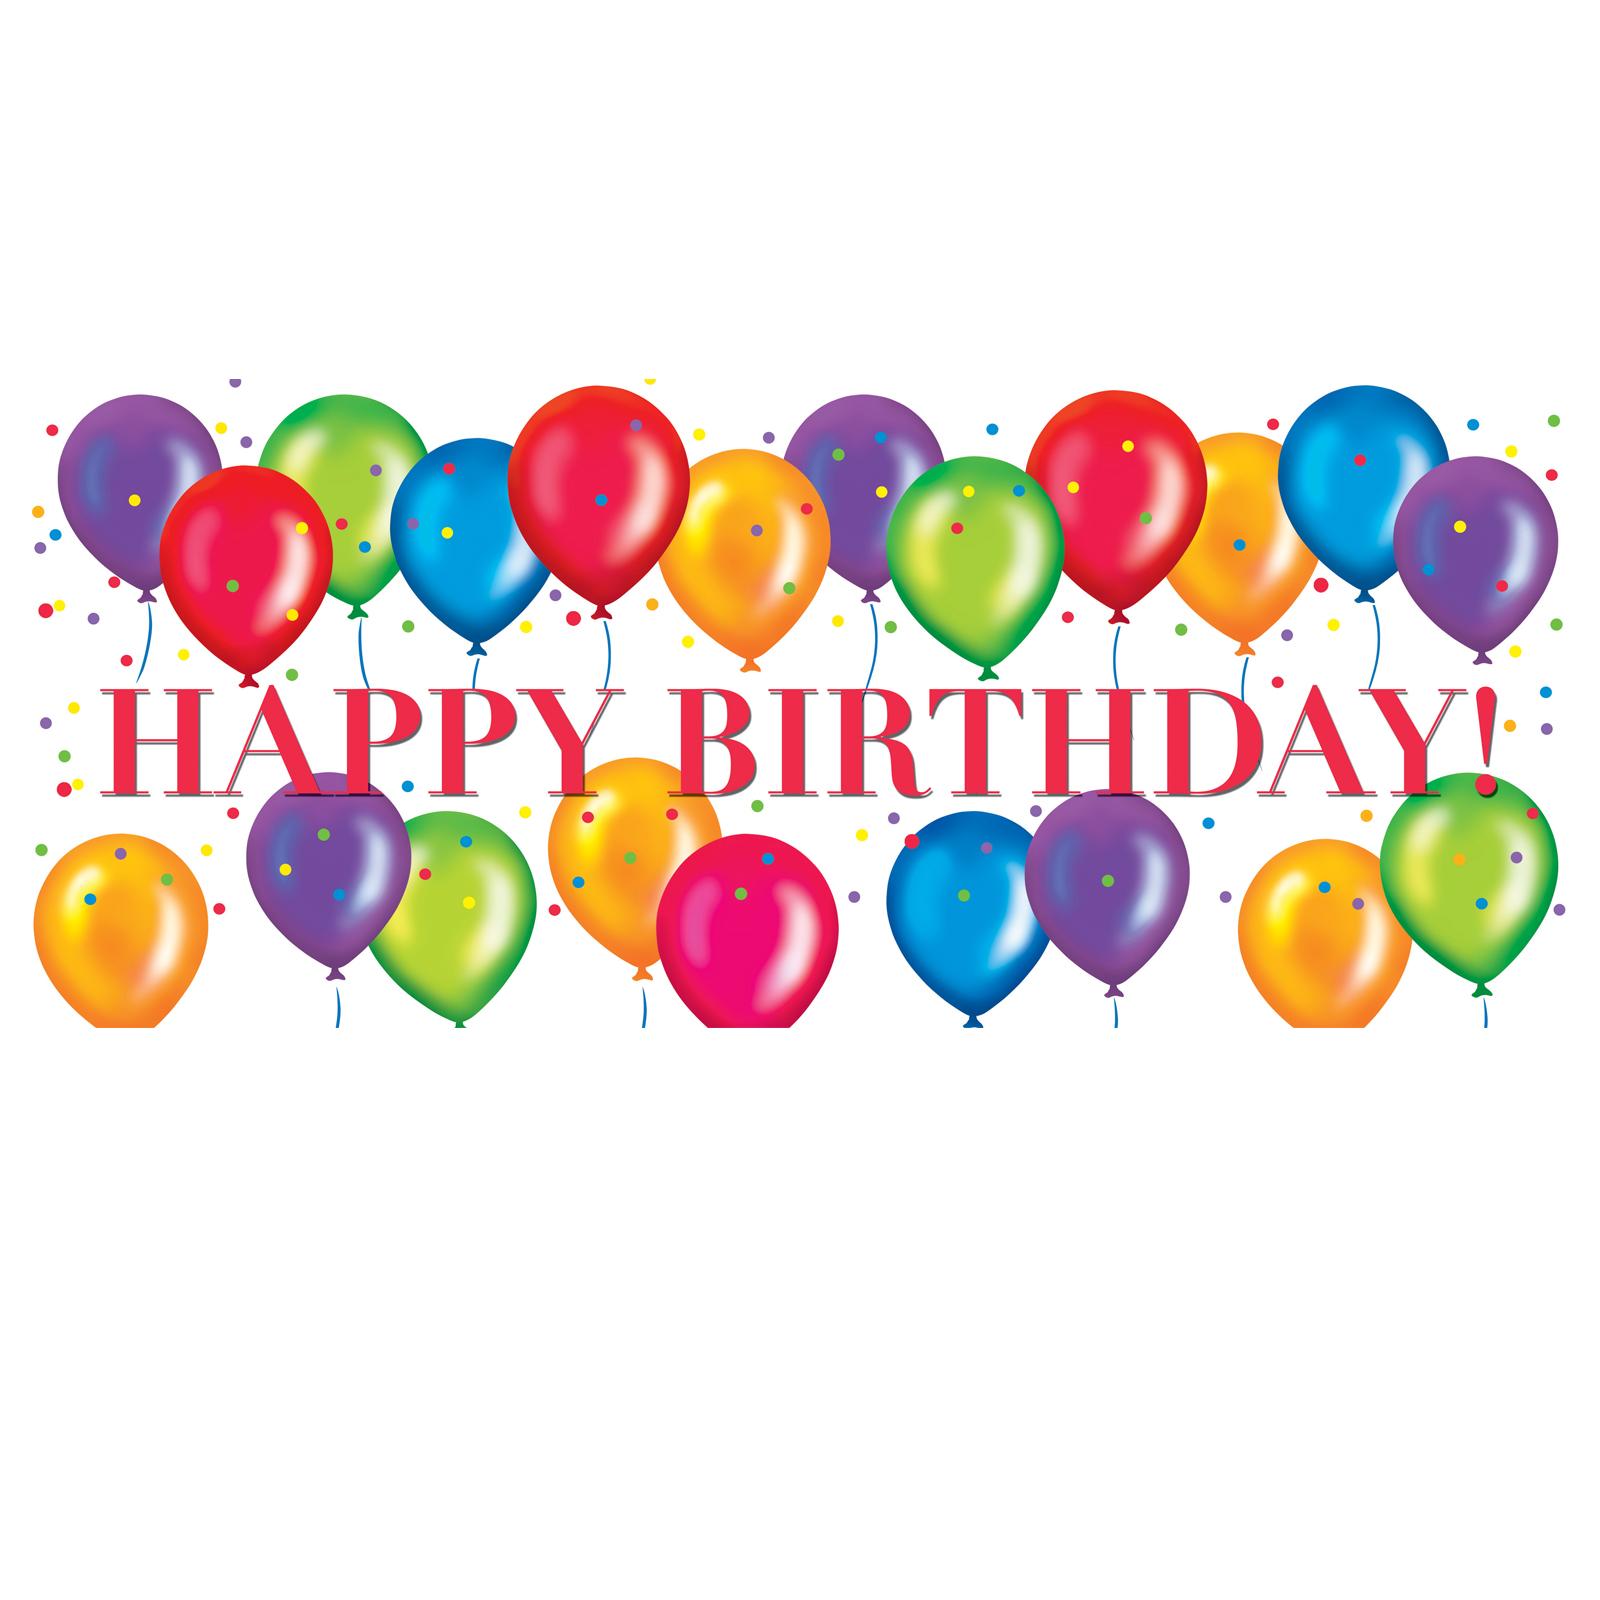 Happy birthday clip art 6 1. free to sha-Happy birthday clip art 6 1. free to share disneys 1st .-0